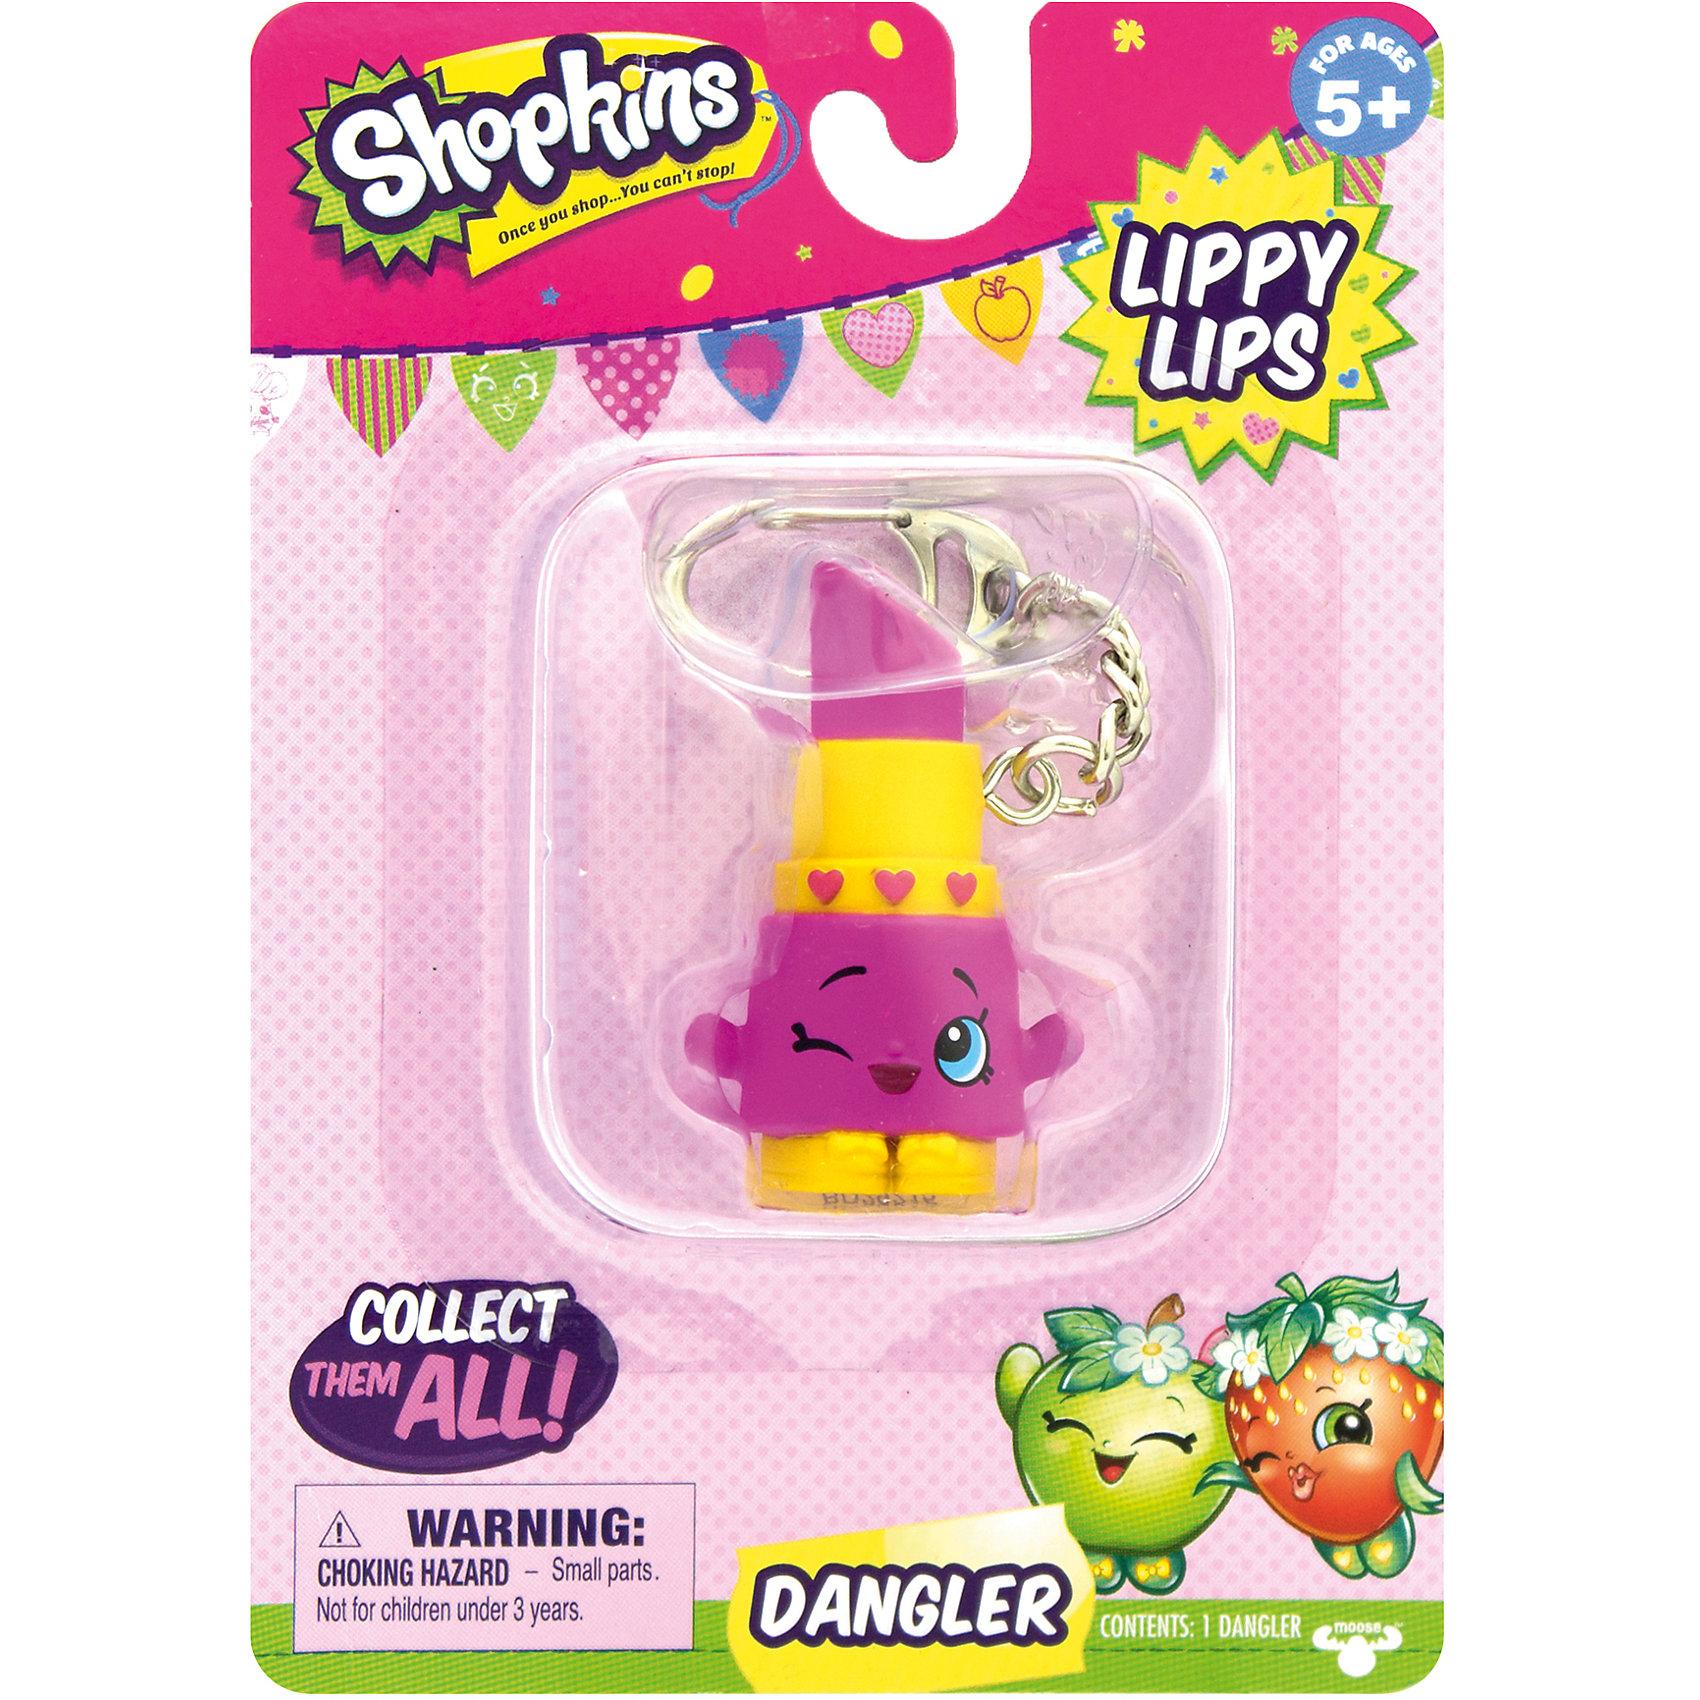 Брелок Lippy Lips, ShopkinsИгрушечные продукты питания<br>Брелок Lippy Lips, Shopkins – этот яркий, модный брелок станет отличным подарком для вашей девочки.<br>Компания Shopkins специально для маленьких модниц выпустила невероятно красивые брелоки! Брелок-помада Lippy Lips ярко розового цвета с желтым ободком, украшен тремя розовыми сердечками. Она выполнена в виде фигурки с ручками. На лице хитро прищурен глаз. Стоит фигурка на желтых башмачках с красивыми бантиками. На такой брелок девочке будет приятно повесить свои ключи, также его можно просто повесить на рюкзак и он будет радовать ее своим видом. Брелок выполнен из безопасного для детей материала.<br><br>Дополнительная информация:<br><br>- Вид замка: карабин<br>- Материал: пластмасса, металл<br>- Размер упаковки: 10,8 ? 3,8 ? 15,2 см.<br><br>Брелок Lippy Lips, Shopkins можно купить в нашем интернет-магазине.<br><br>Ширина мм: 108<br>Глубина мм: 38<br>Высота мм: 153<br>Вес г: 50<br>Возраст от месяцев: 60<br>Возраст до месяцев: 192<br>Пол: Женский<br>Возраст: Детский<br>SKU: 4756894